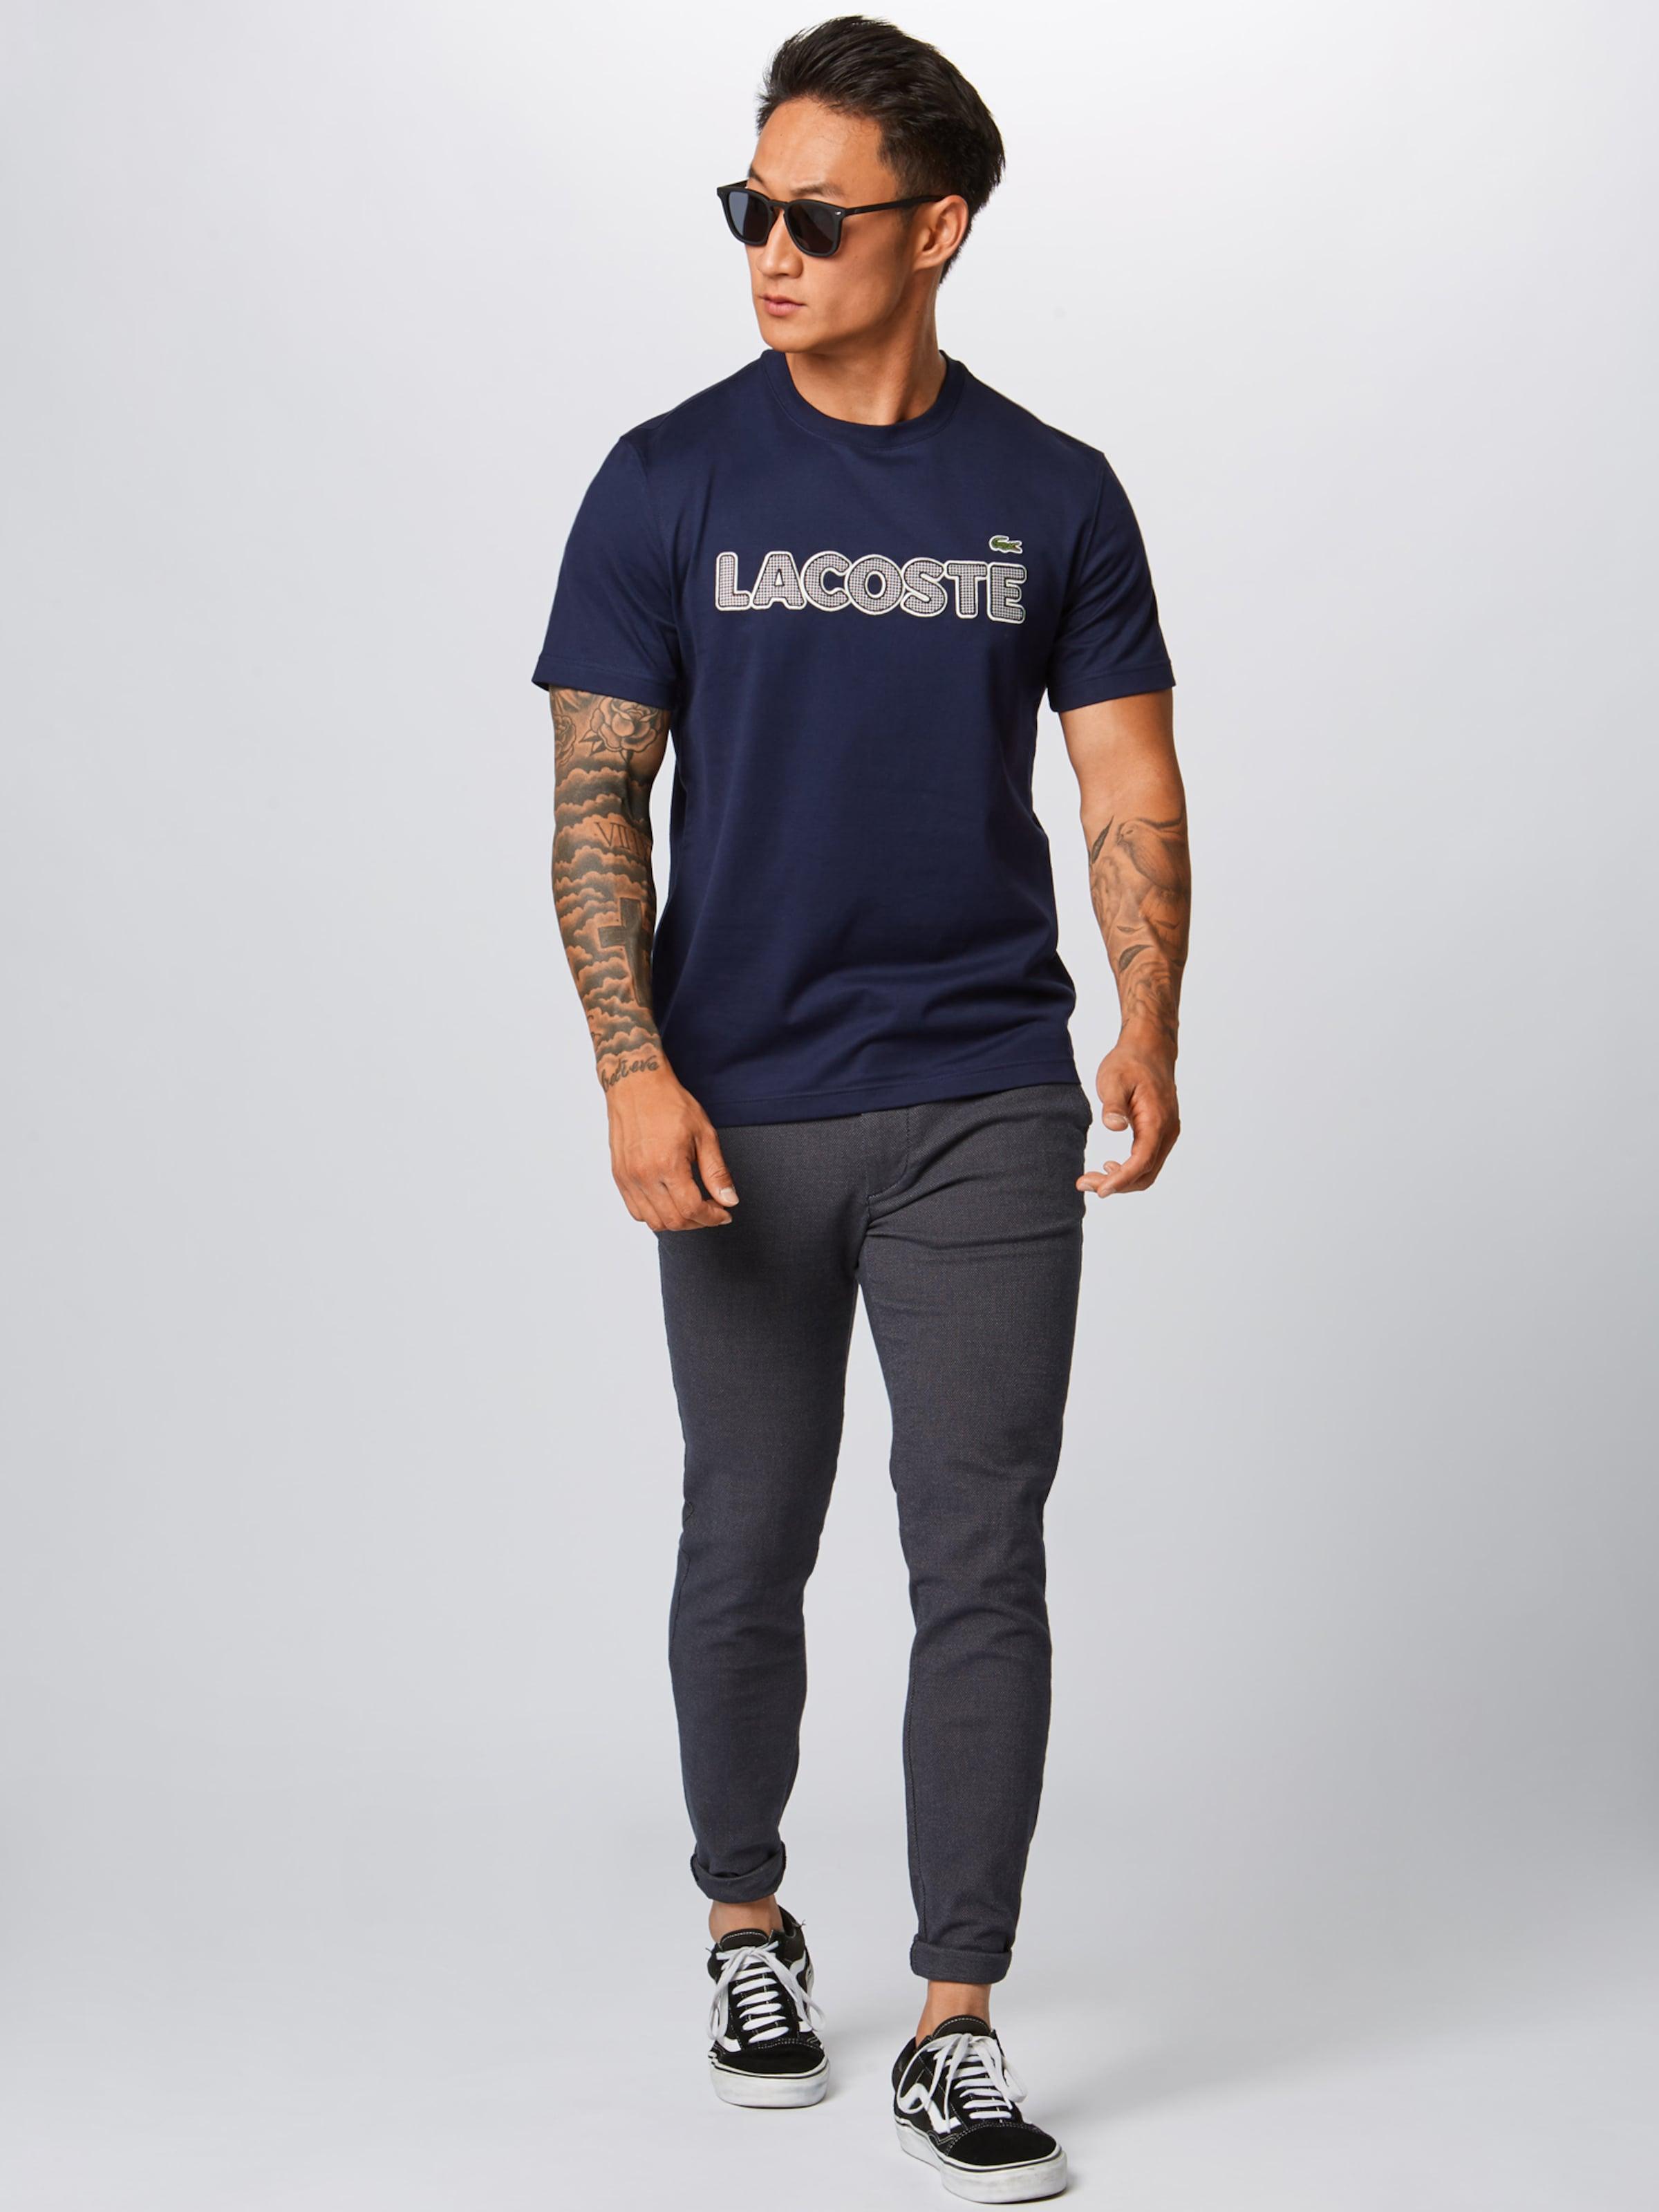 Lacoste T shirt T Lacoste shirt En Marine IDHeYE29W